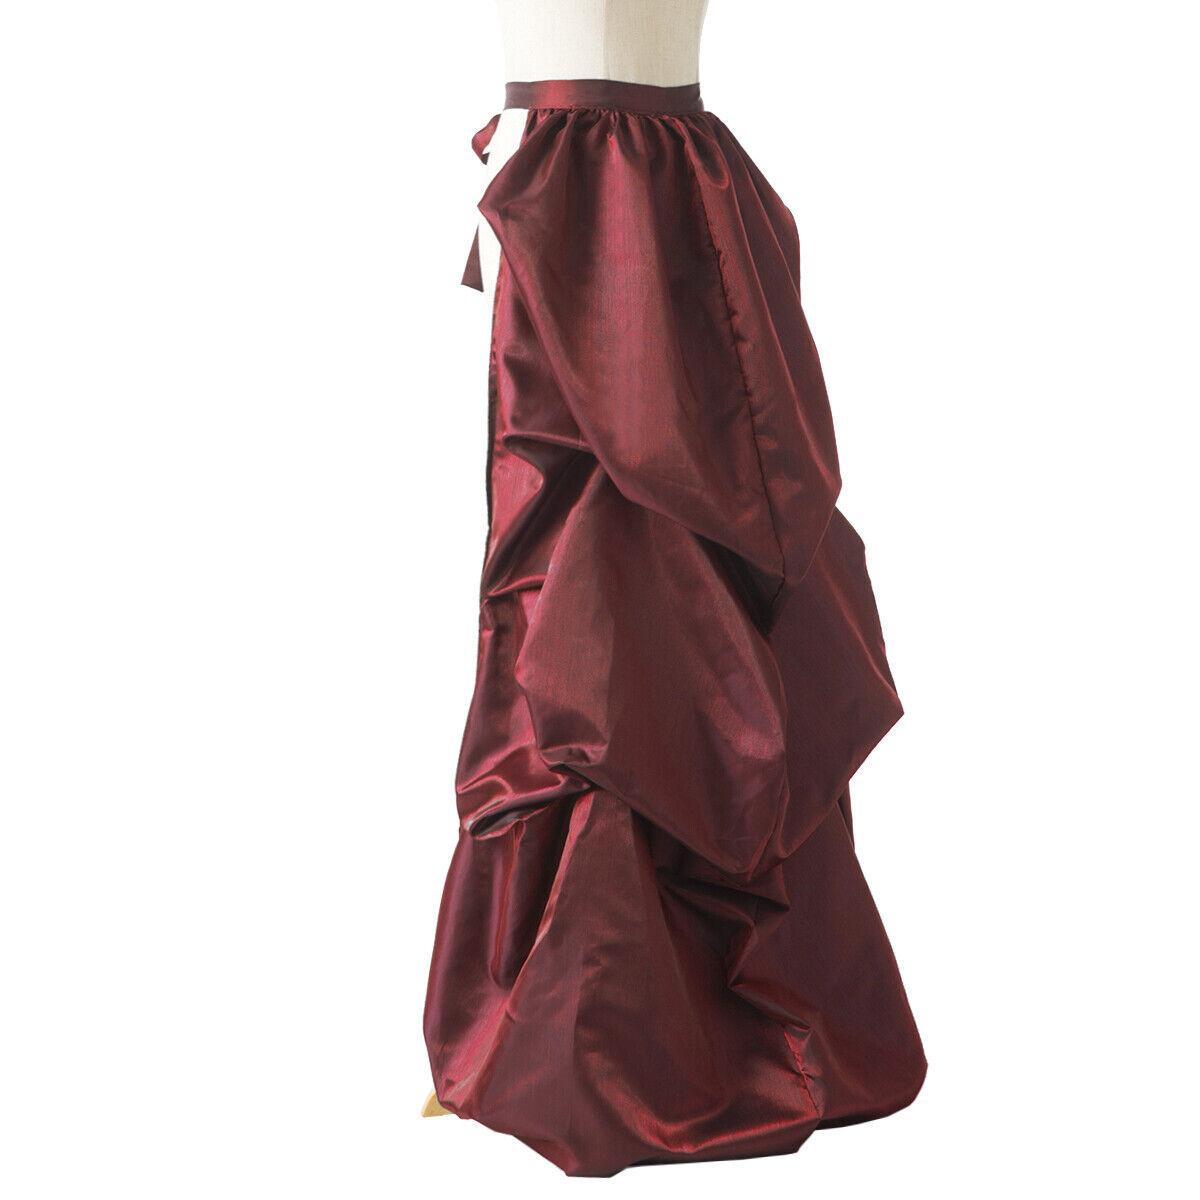 Vintage Victorian Edwardian Bustle Skirt Fancy Dr… - image 7